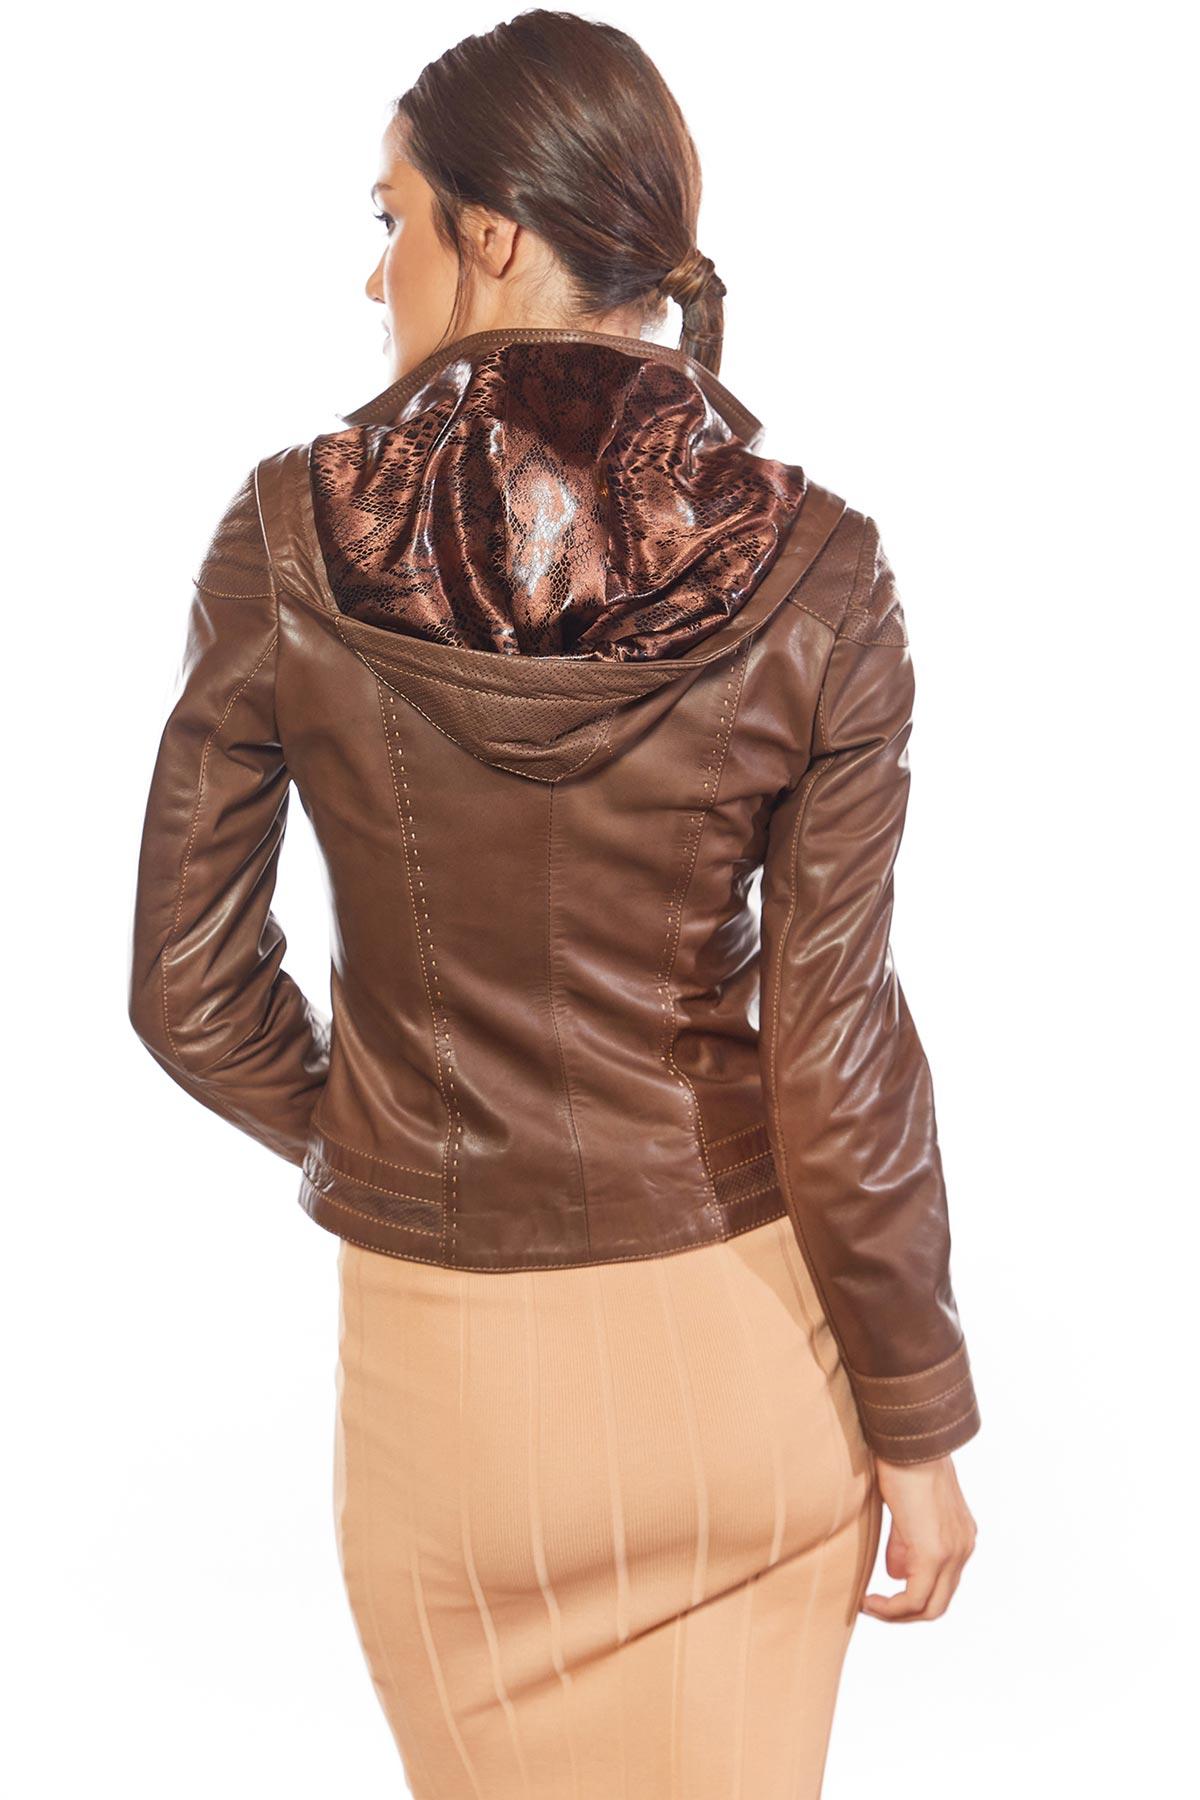 vera pelle genuine leather jacket